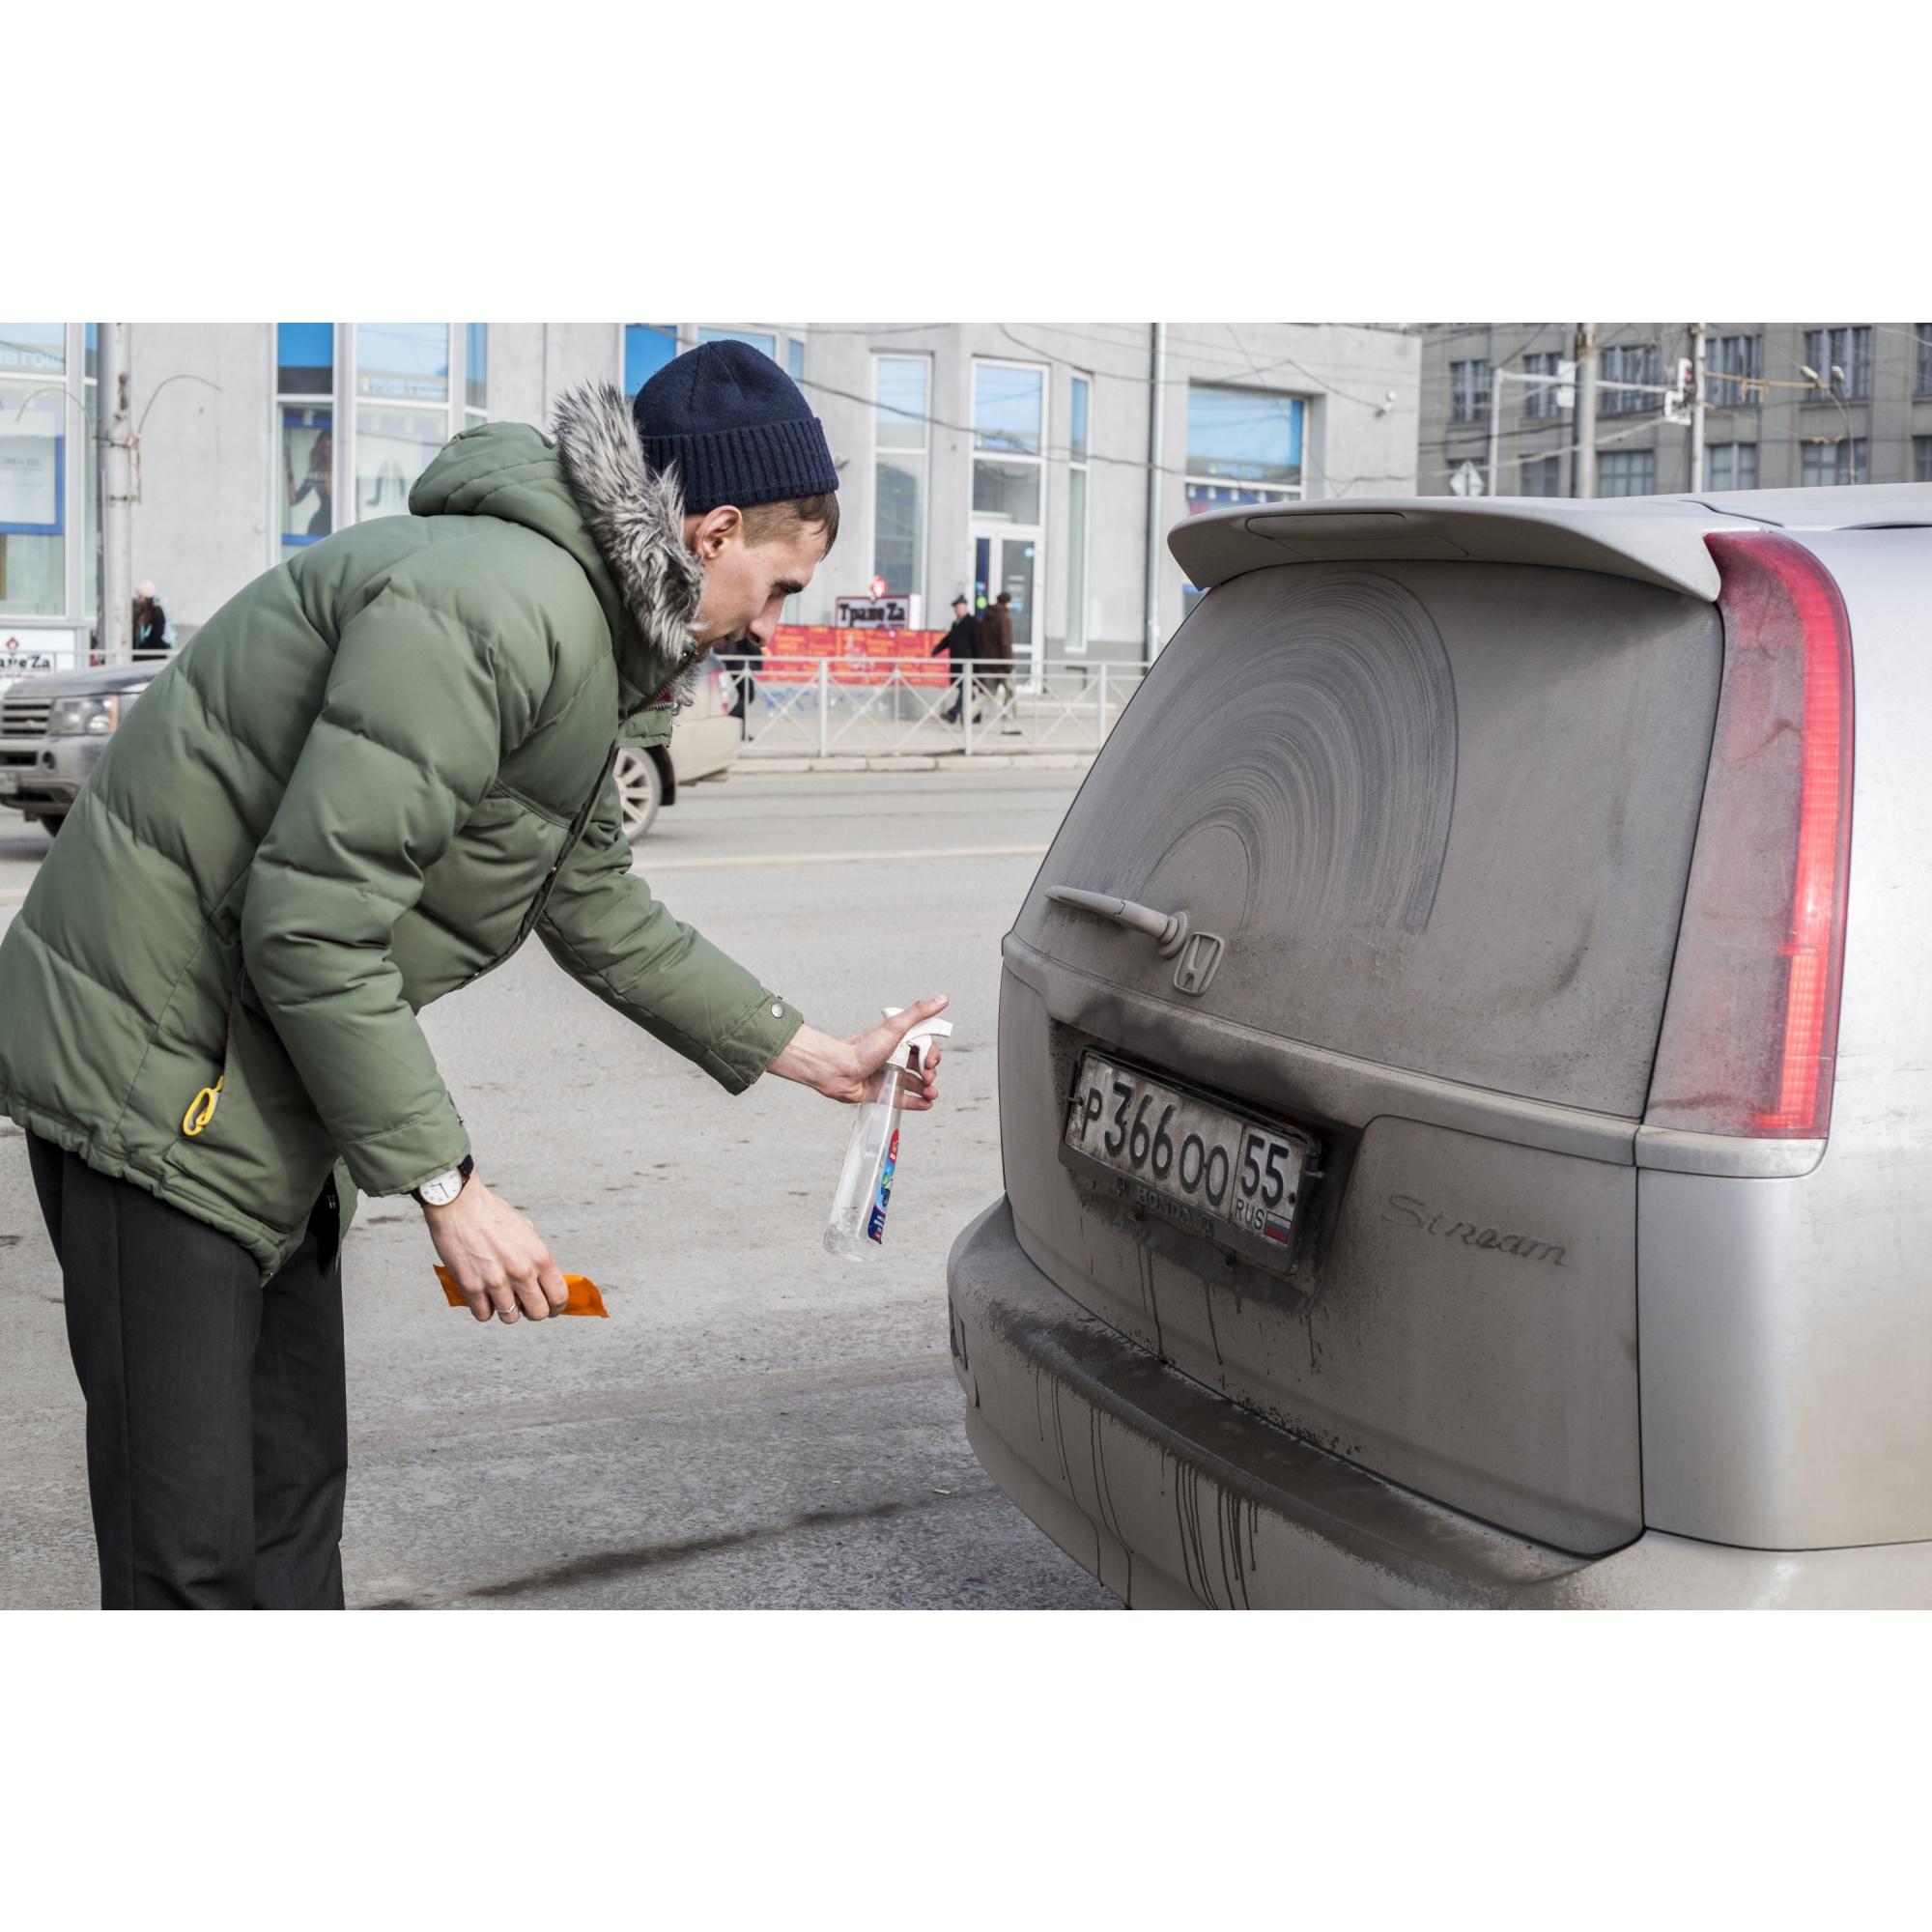 Чтобы смыть грязь с госномеров, некоторые водители воспользовались жидкостями